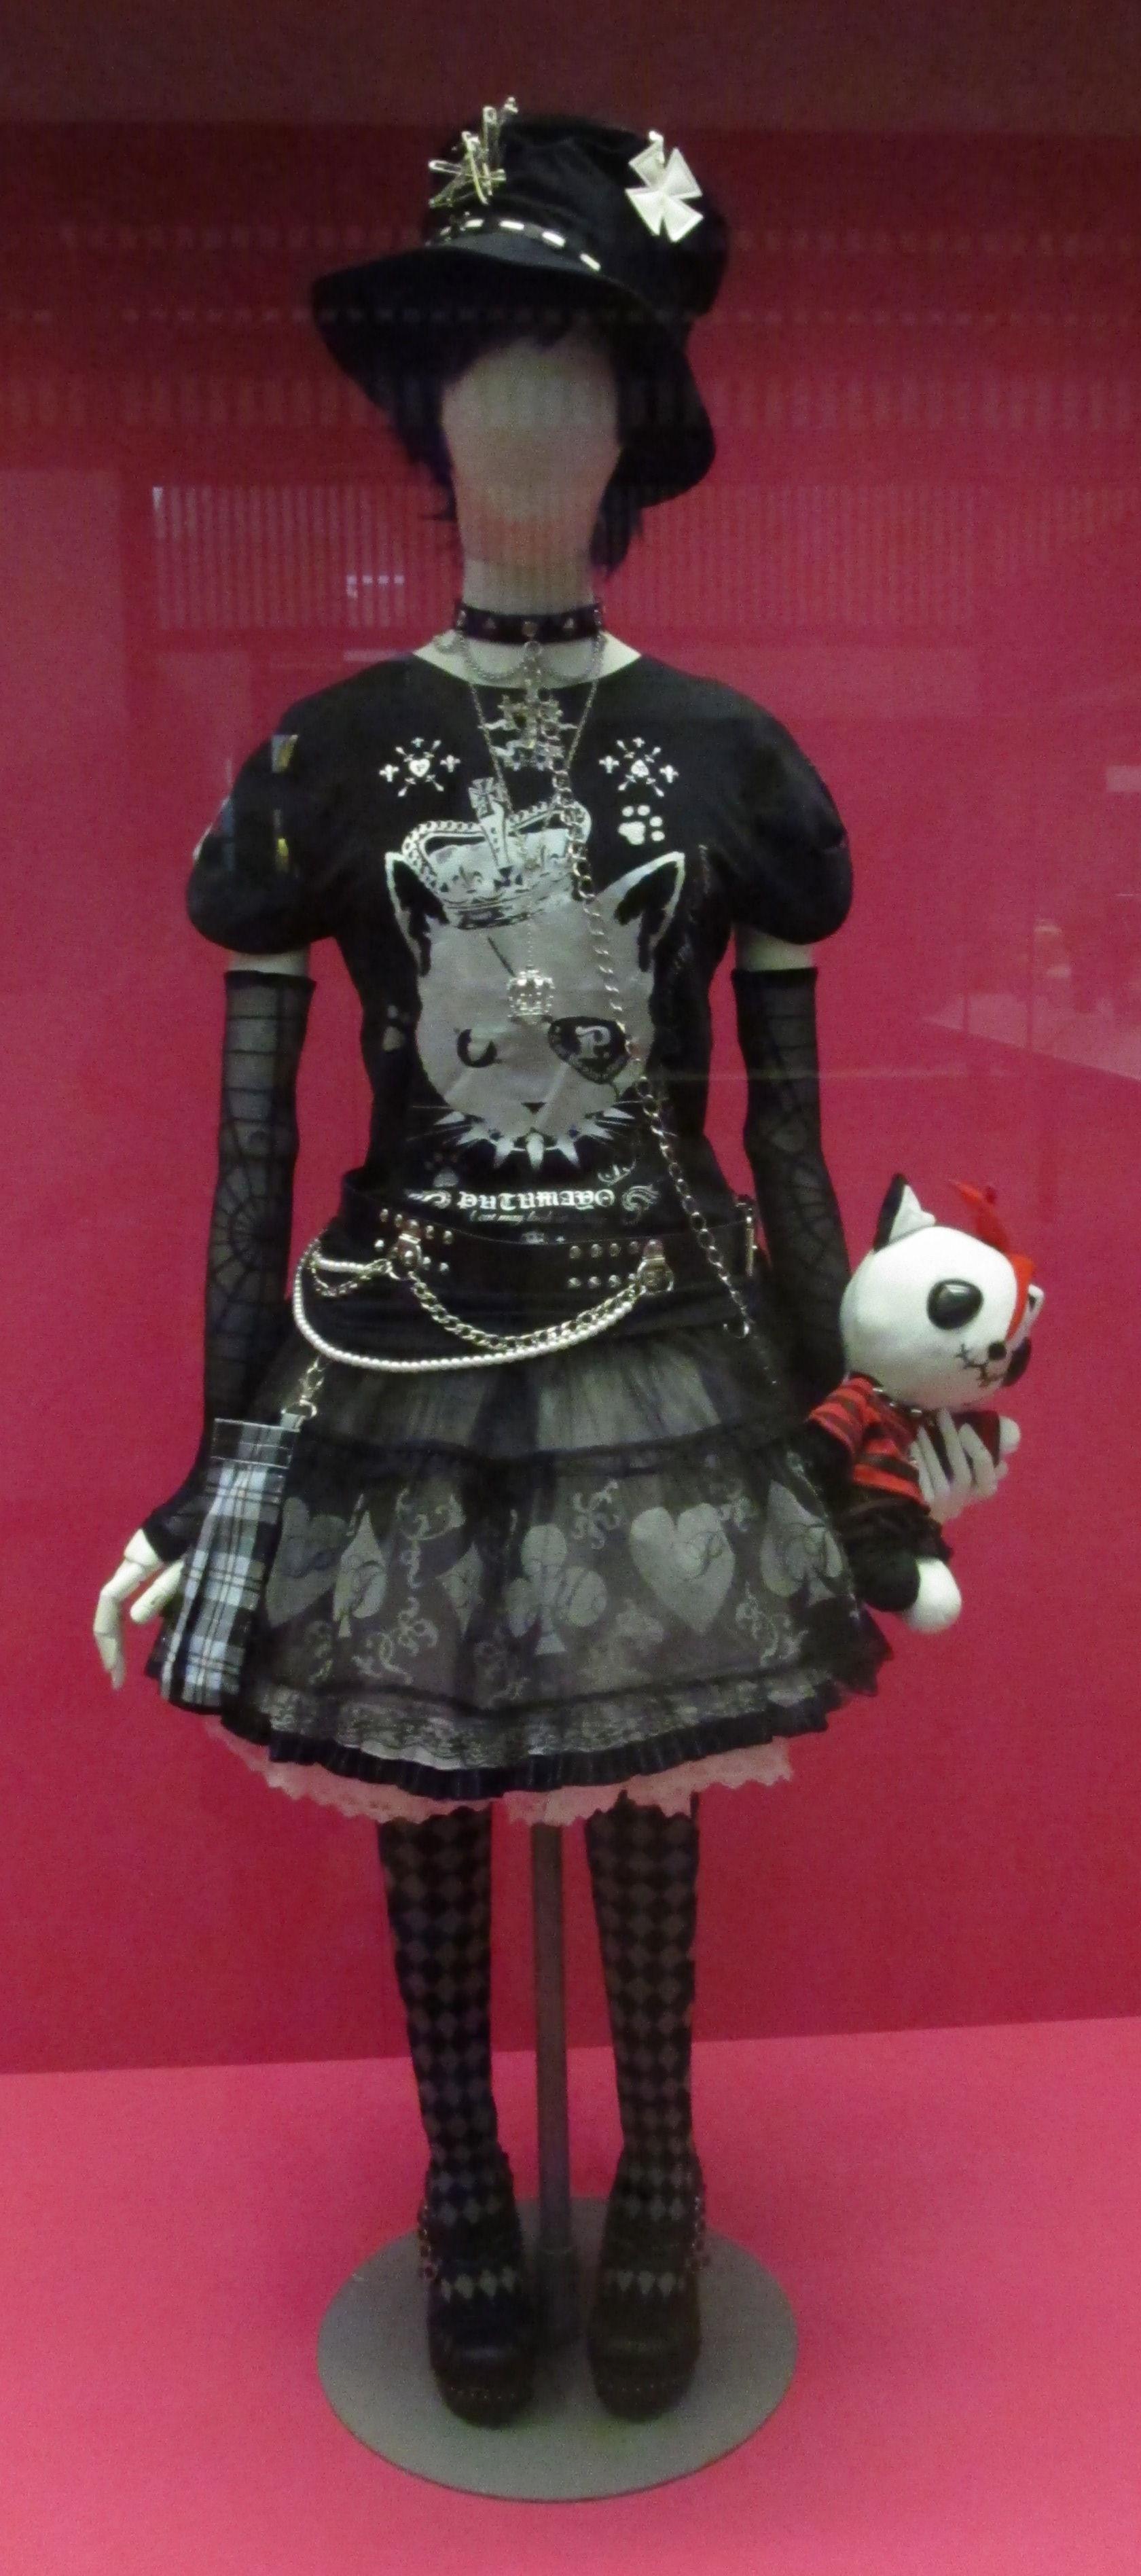 Goth punk dating